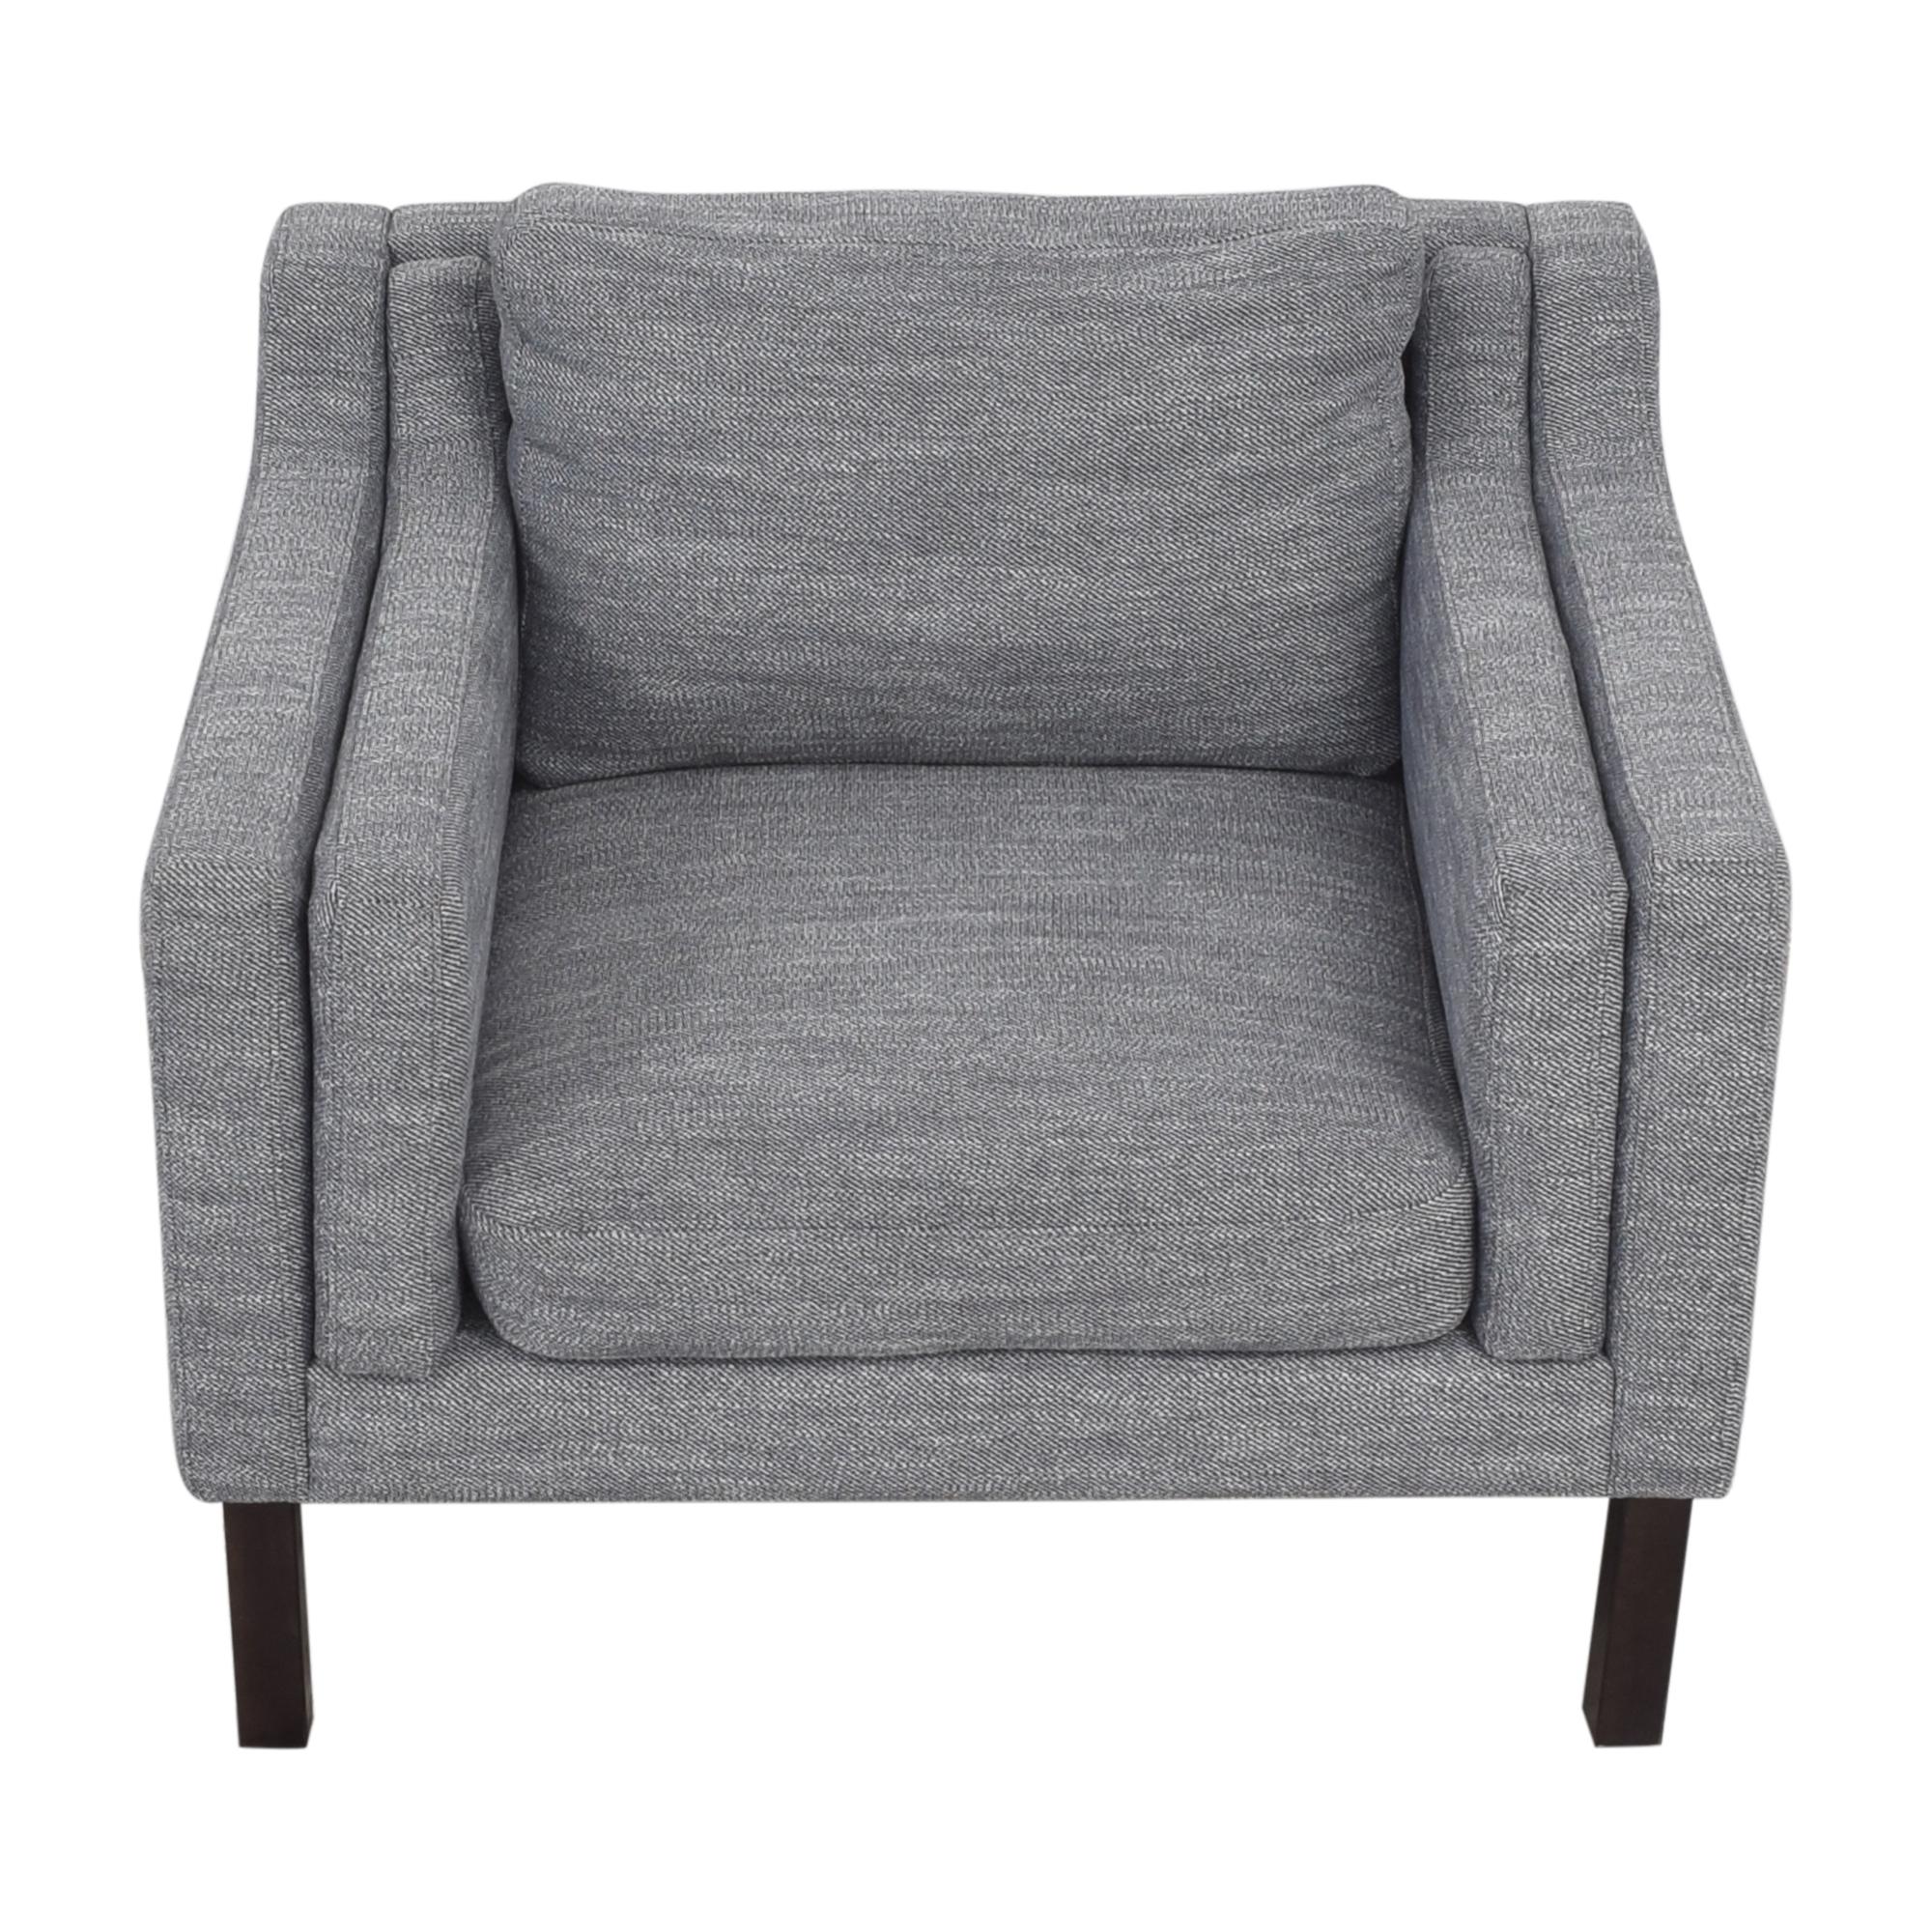 Kardiel Kardiel Monroe Chair used